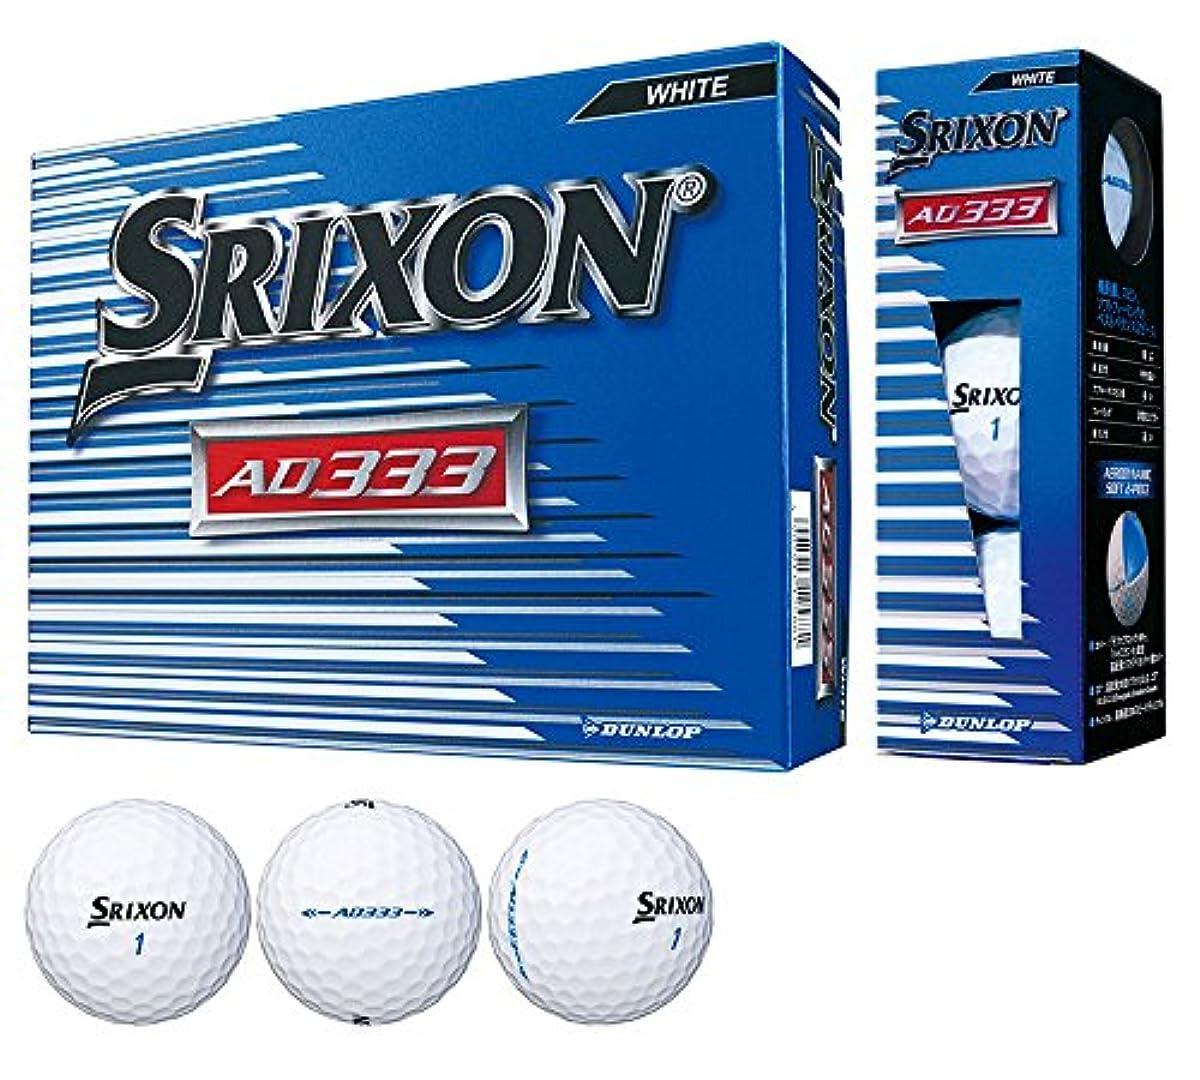 [해외] 던롭 골프공 스릭슨 AD333 12개입 3종